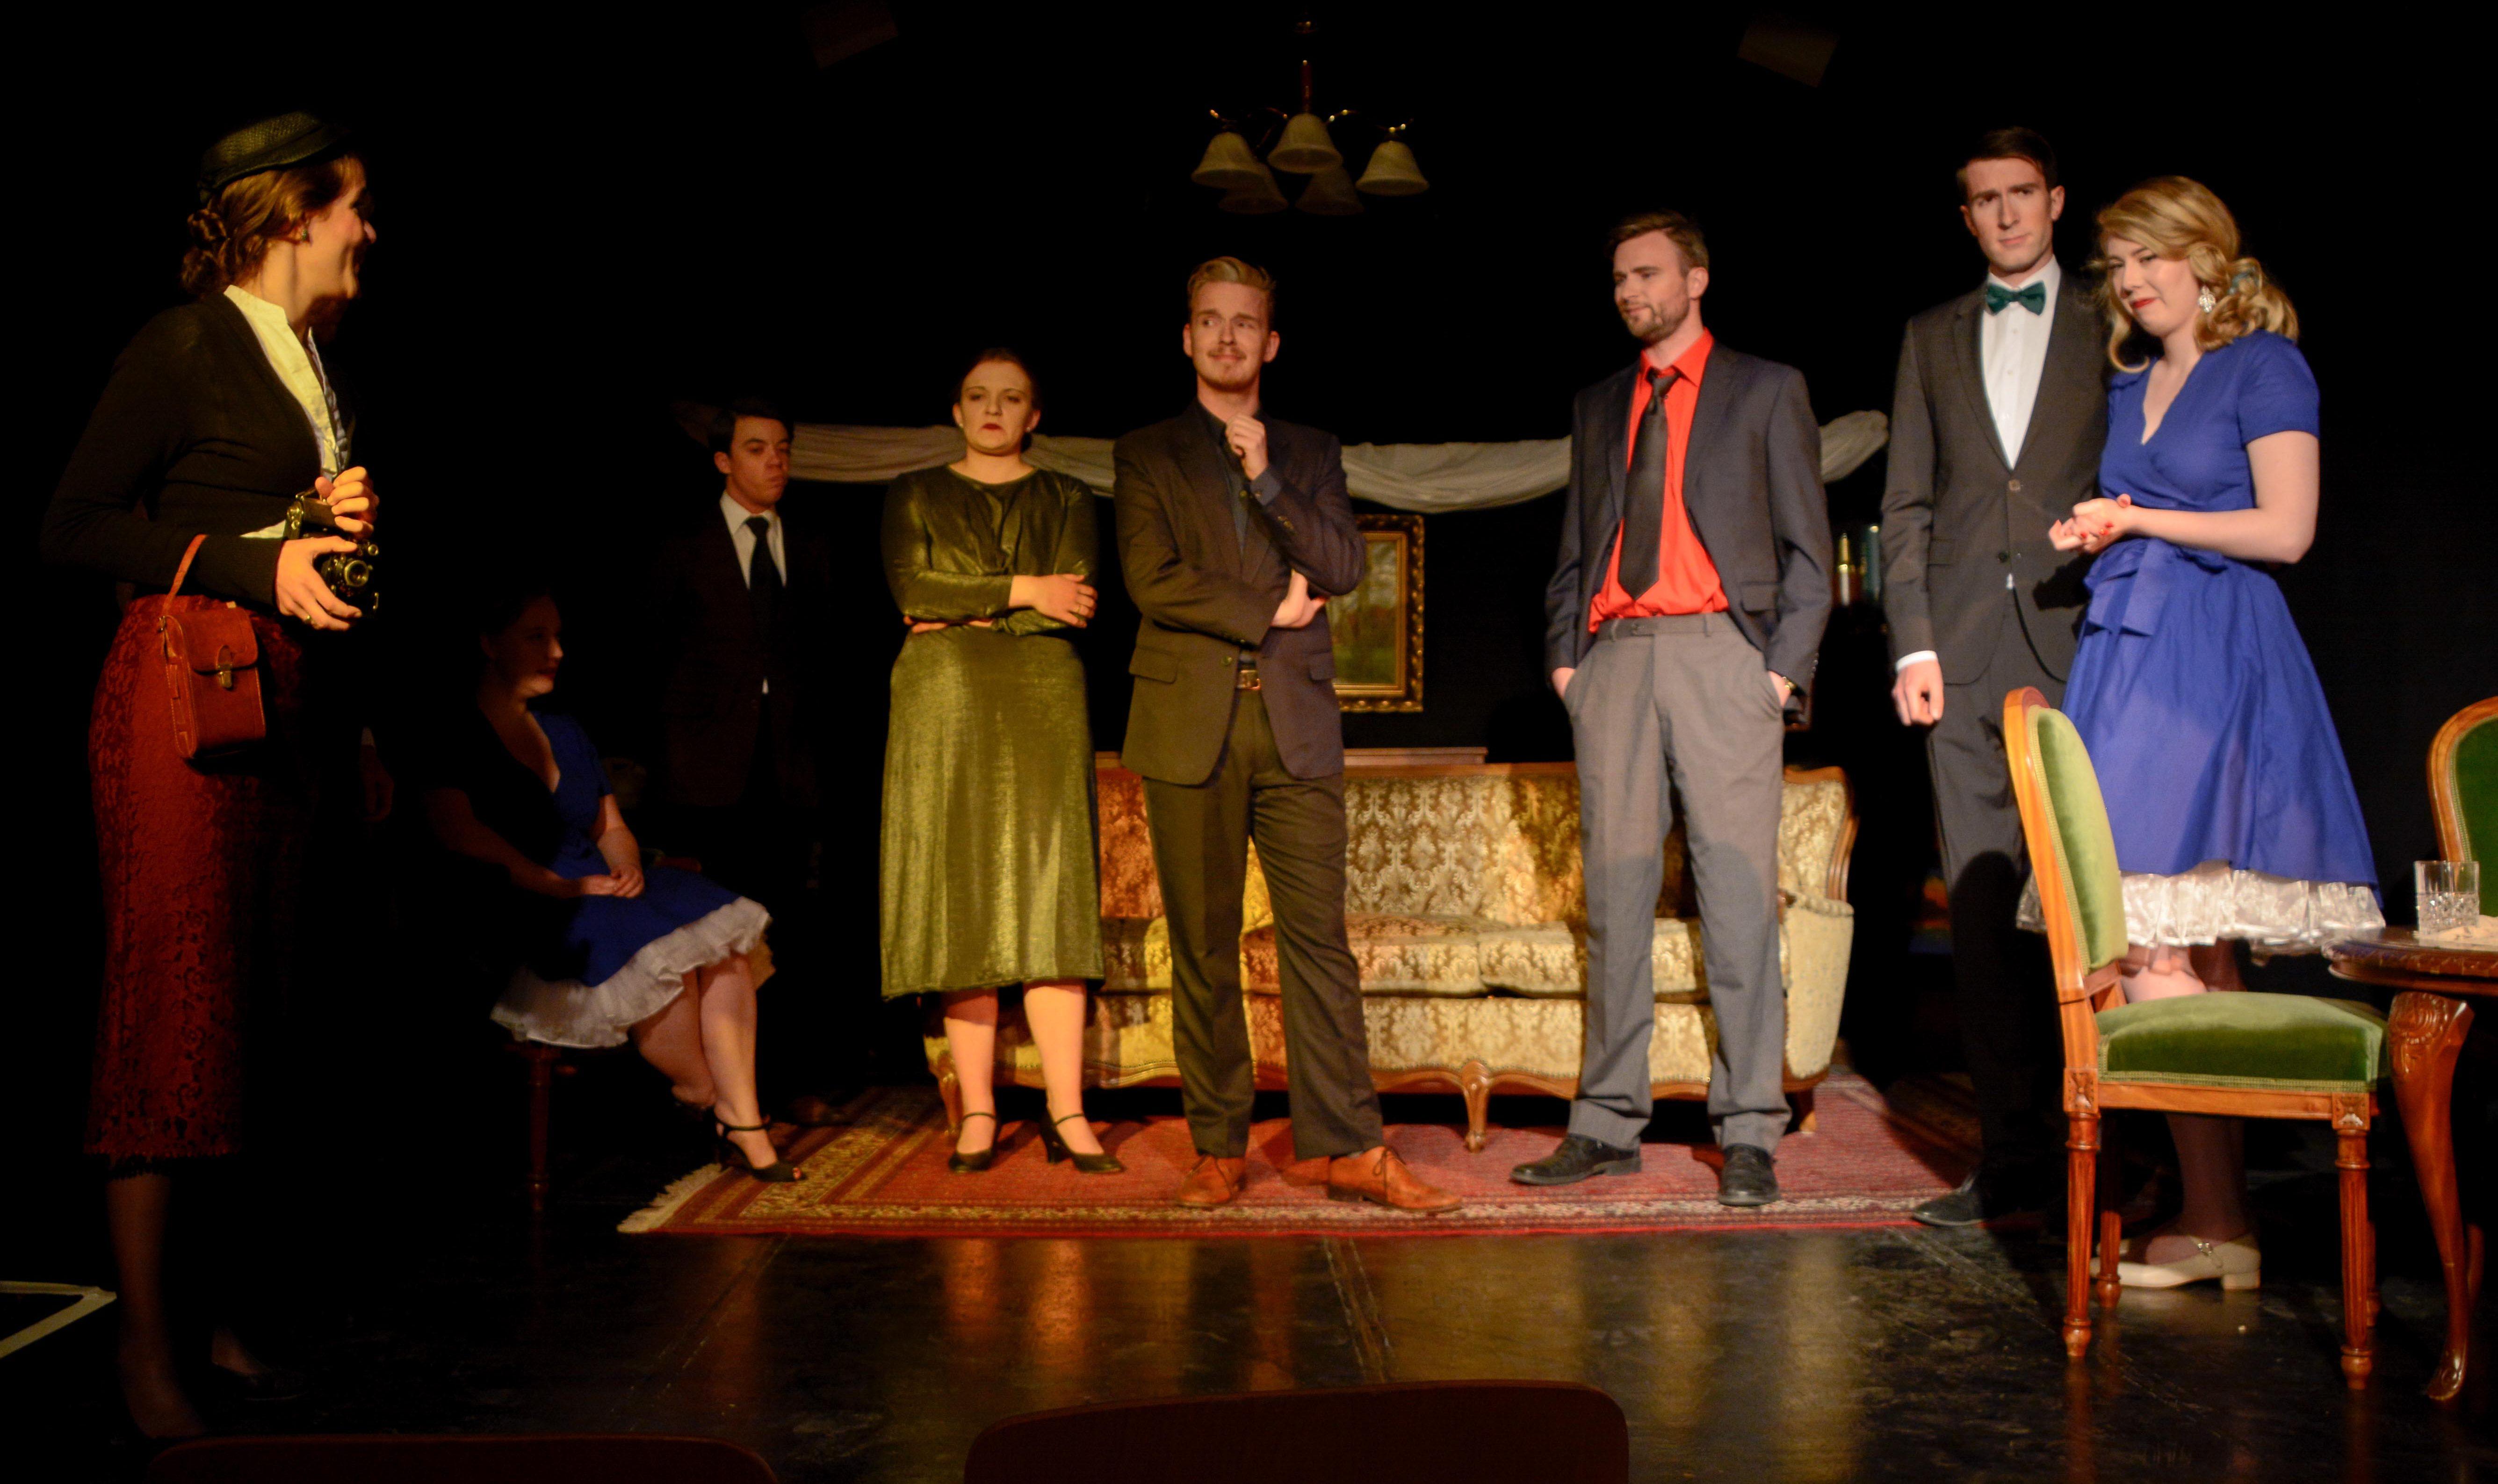 Die ganze Familie kommt am Abend vor Tracy Lords Hochzeit im Salon zusammen. Konflikte sind vorprogrammiert. (Bild: Philip Hiller)